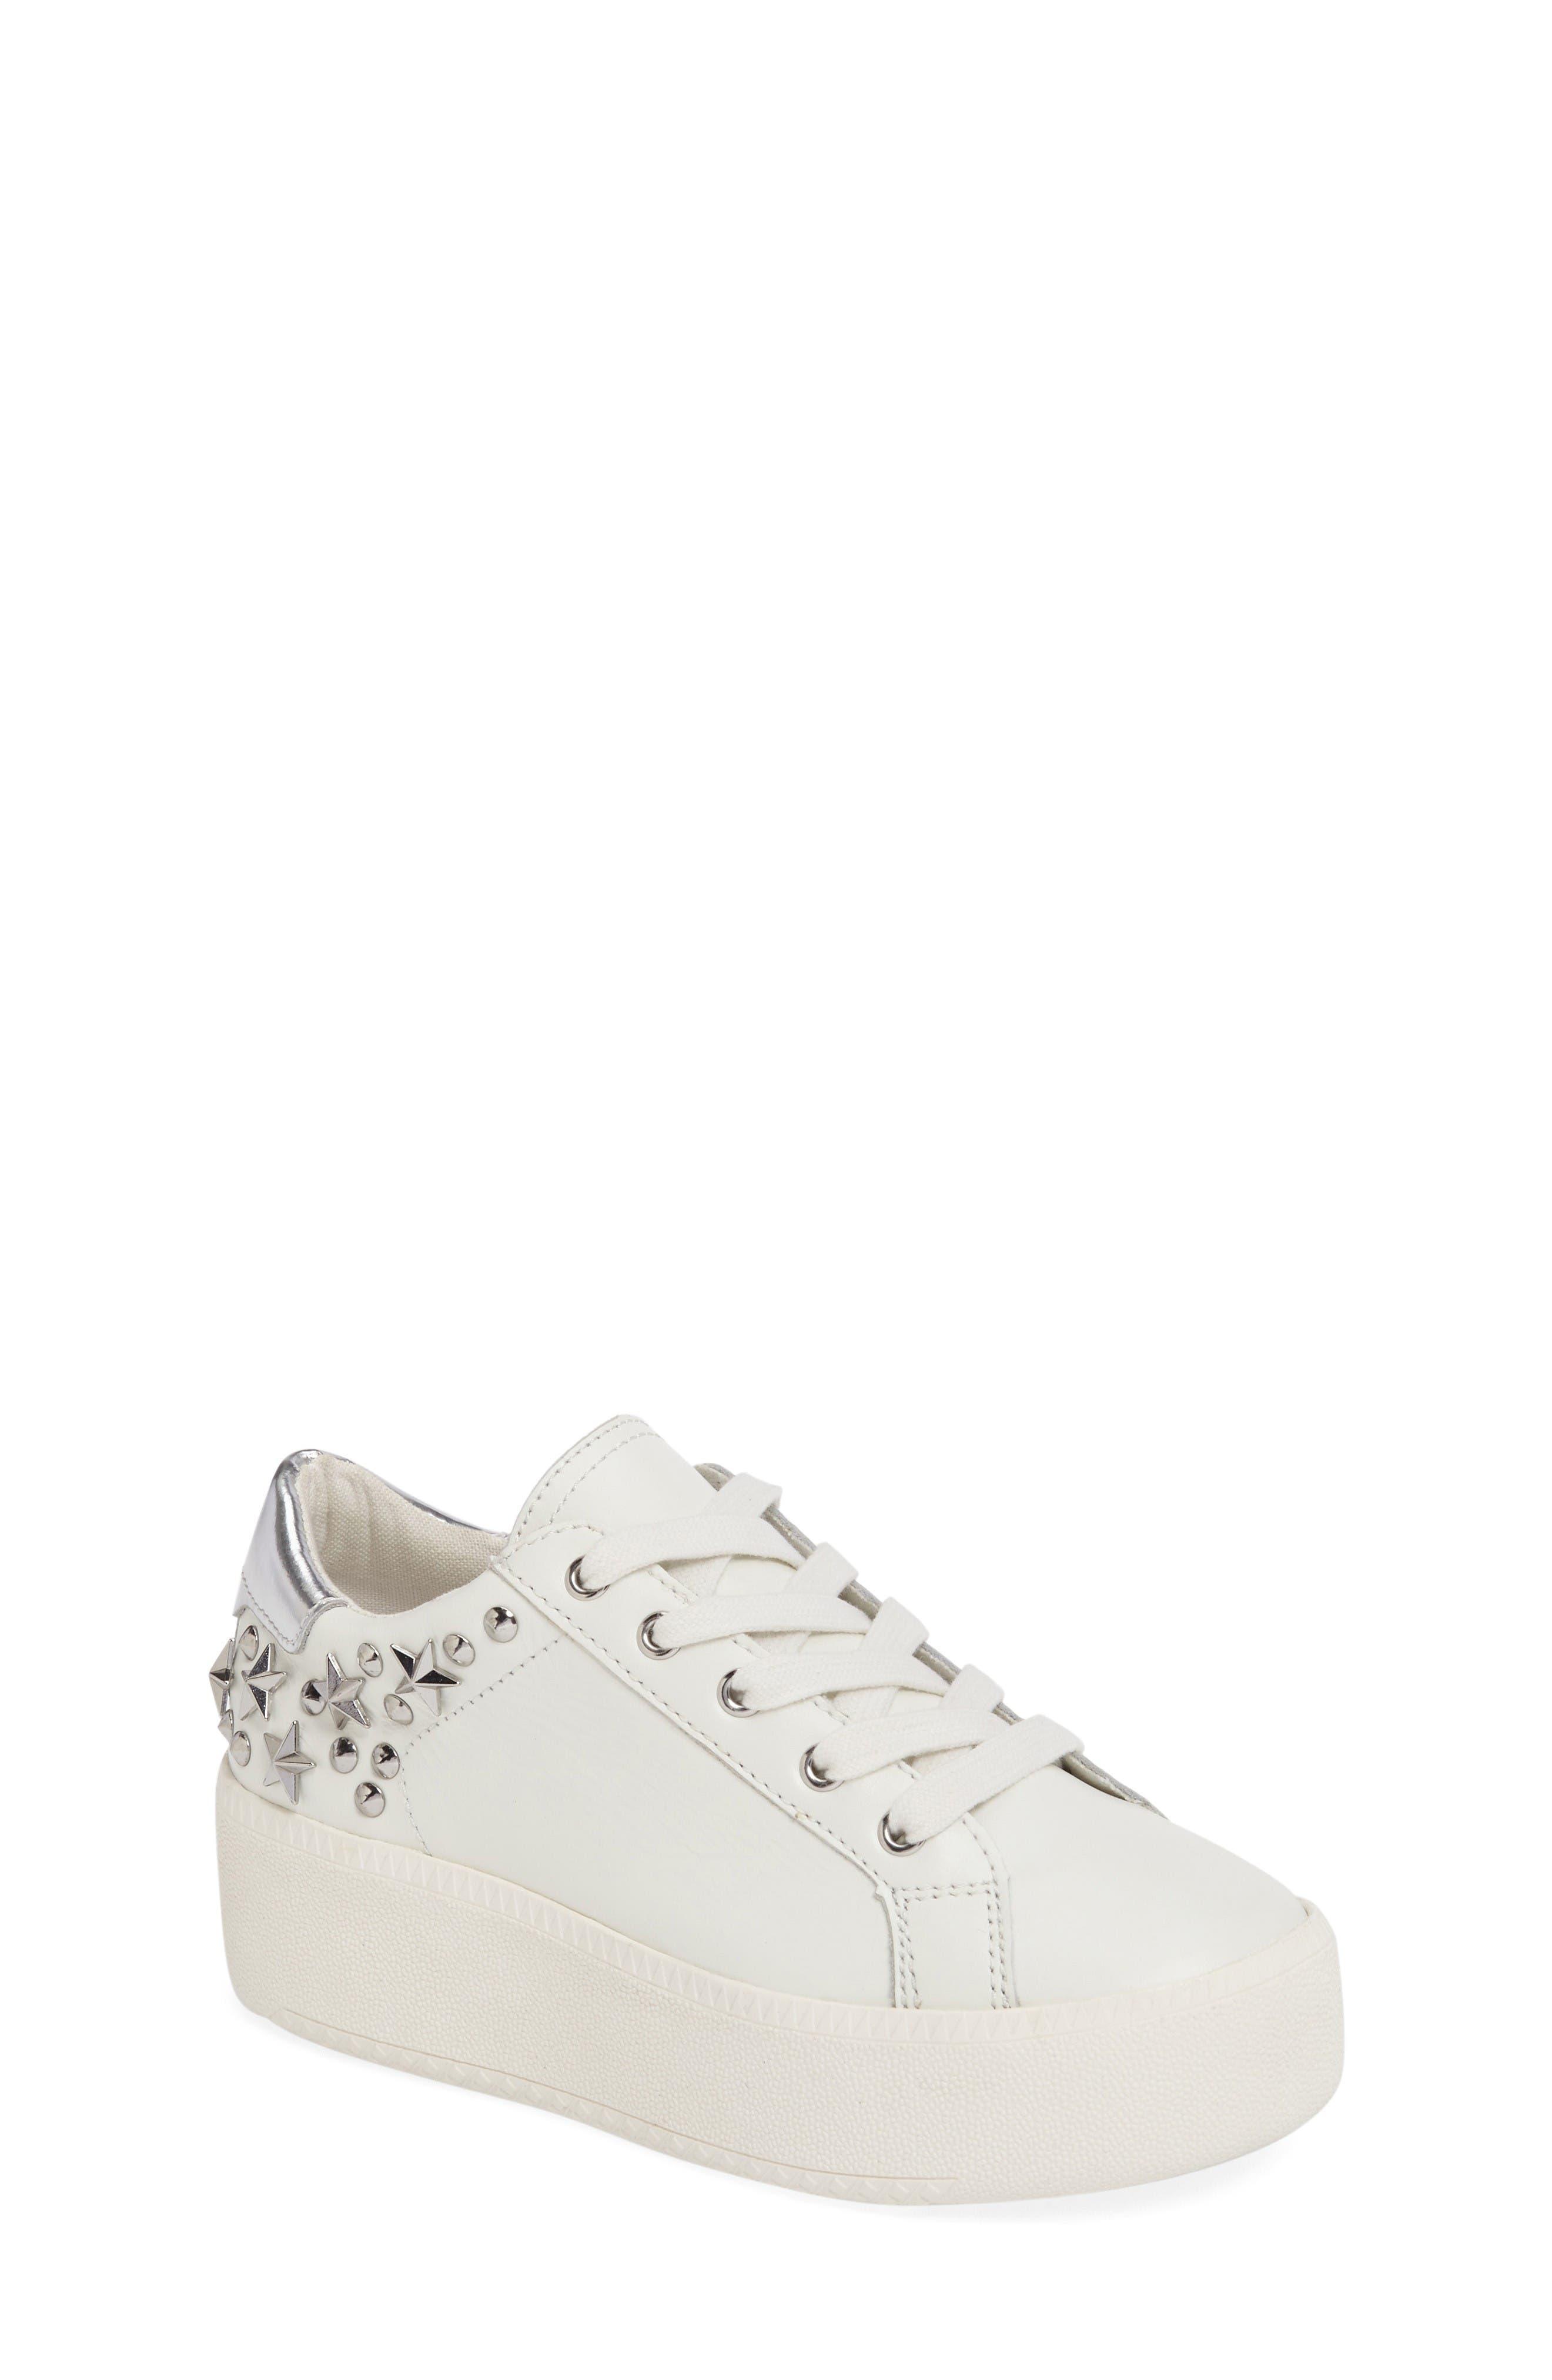 ASH Creeper Sneaker